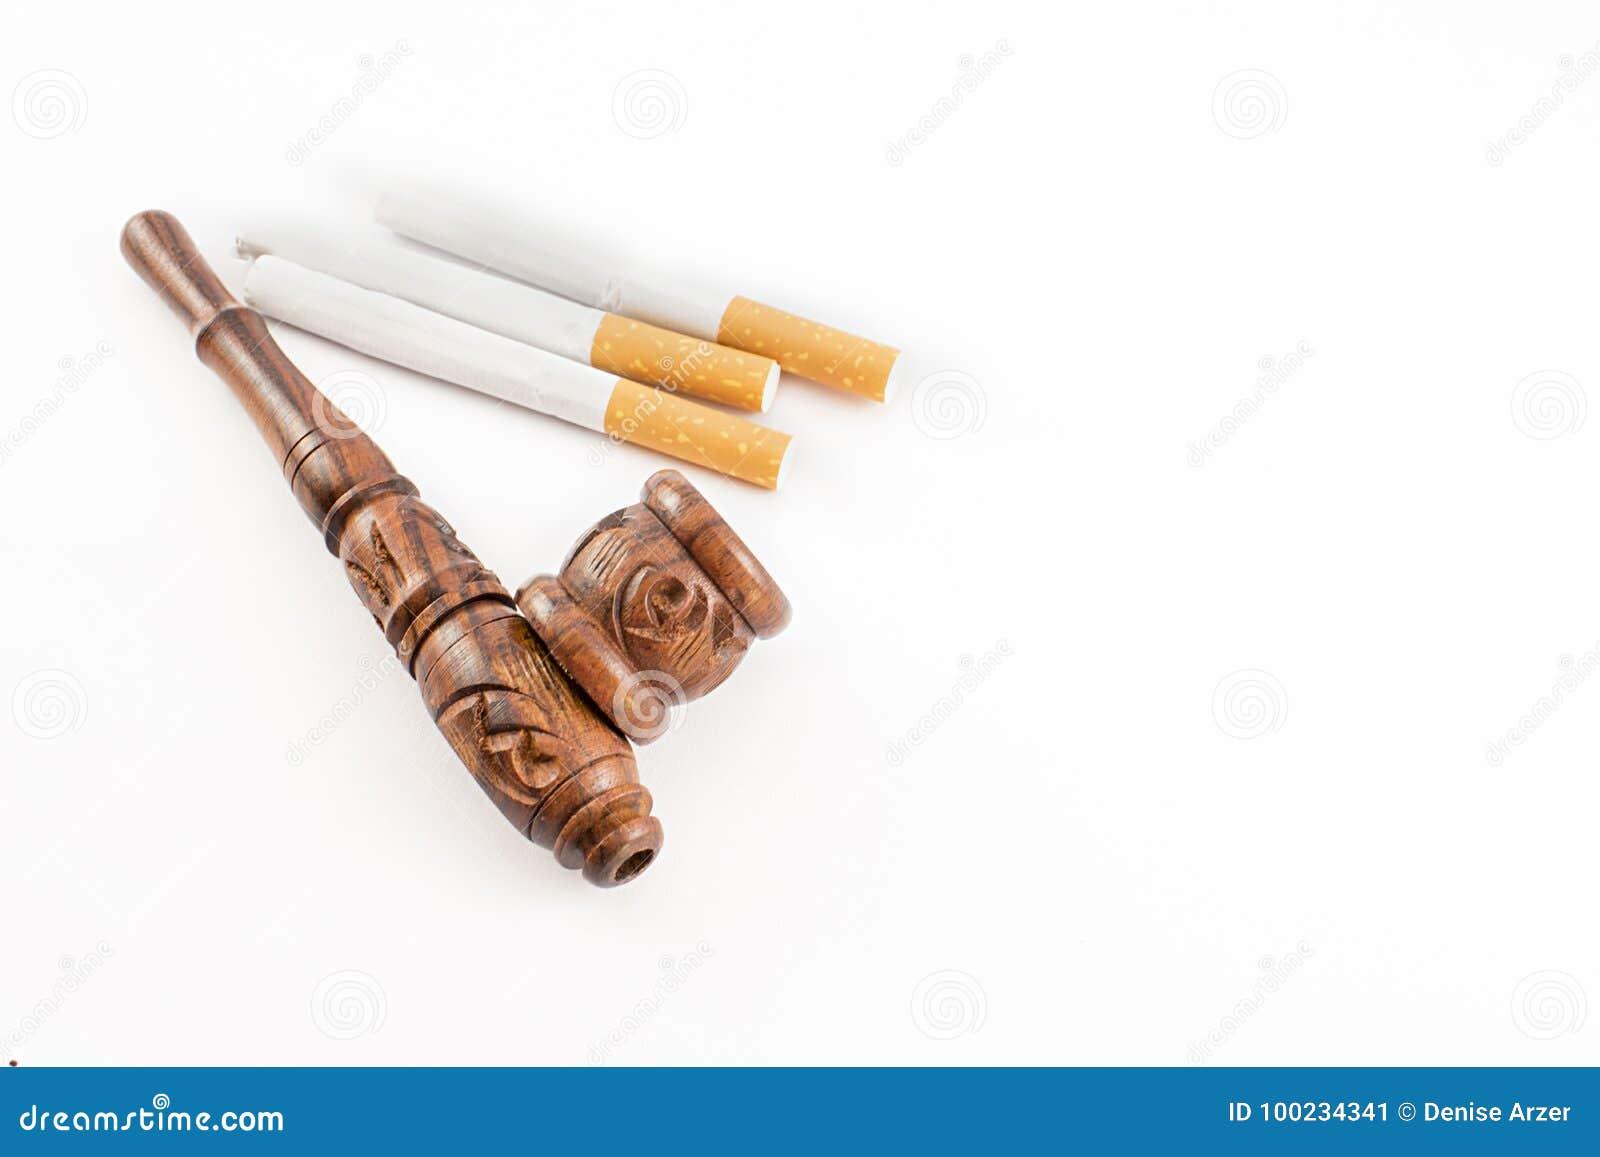 Tubo y cigarrillos